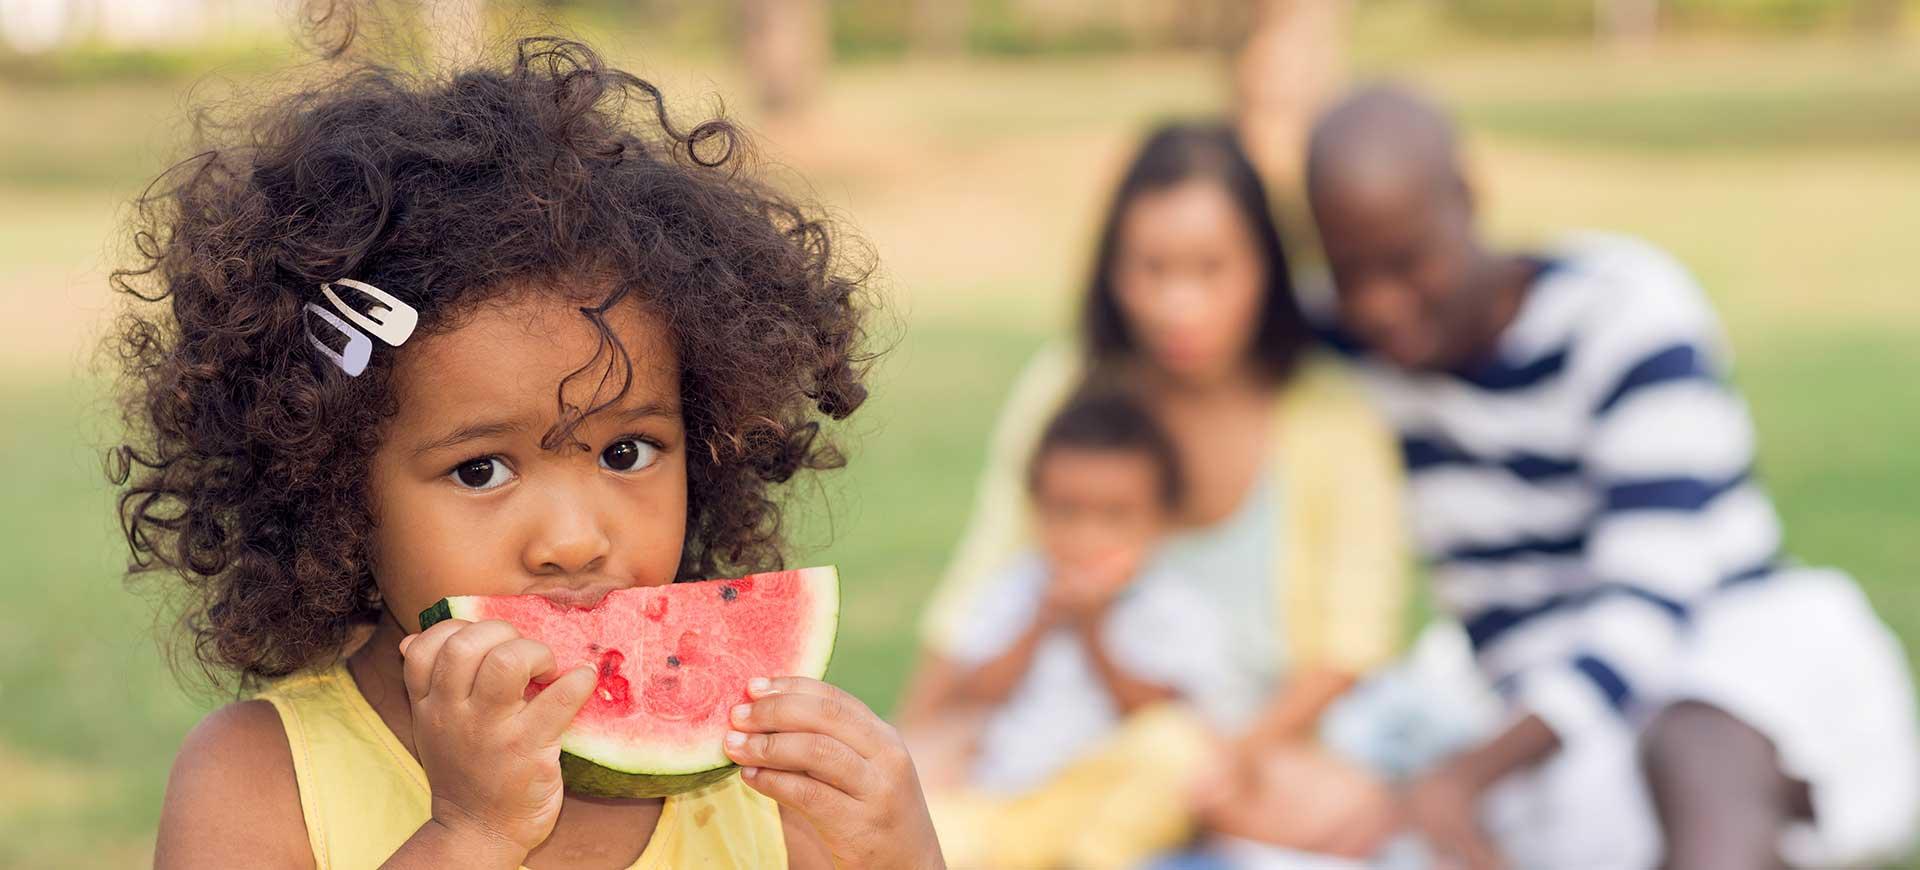 Une fillette mange une pastèque